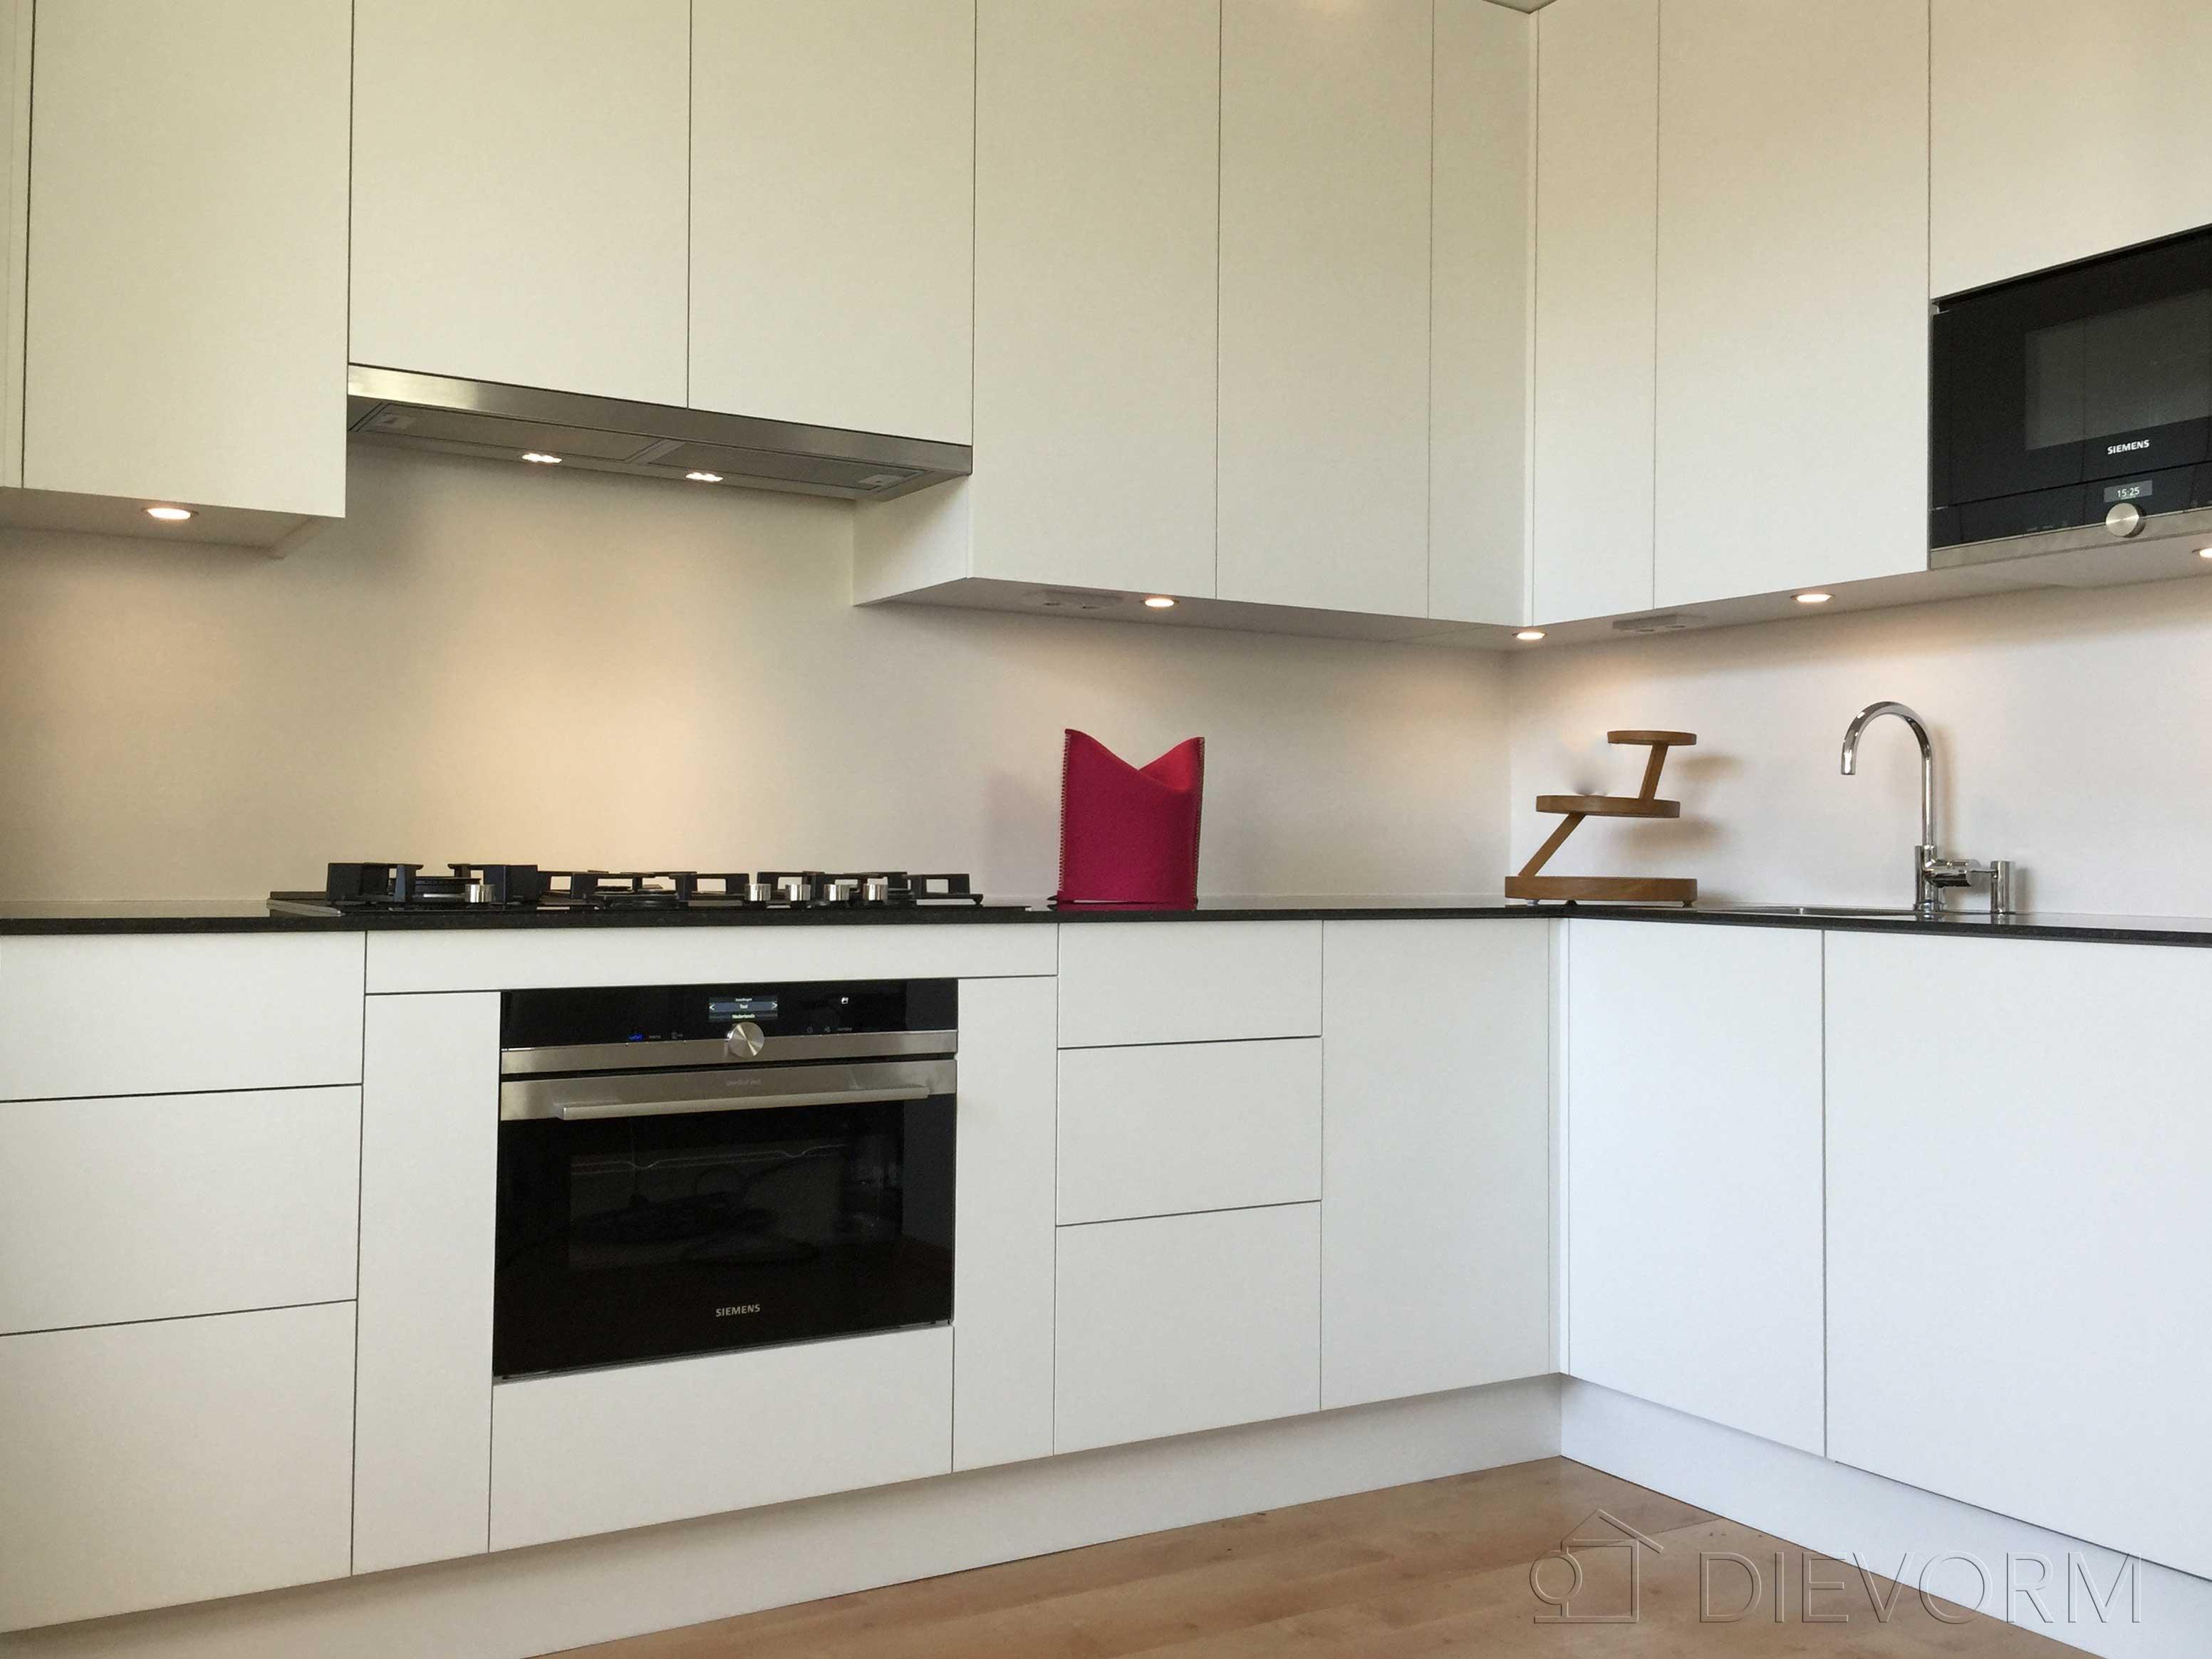 Design hoek keukens - Mijn Keukens op Maat laten maken